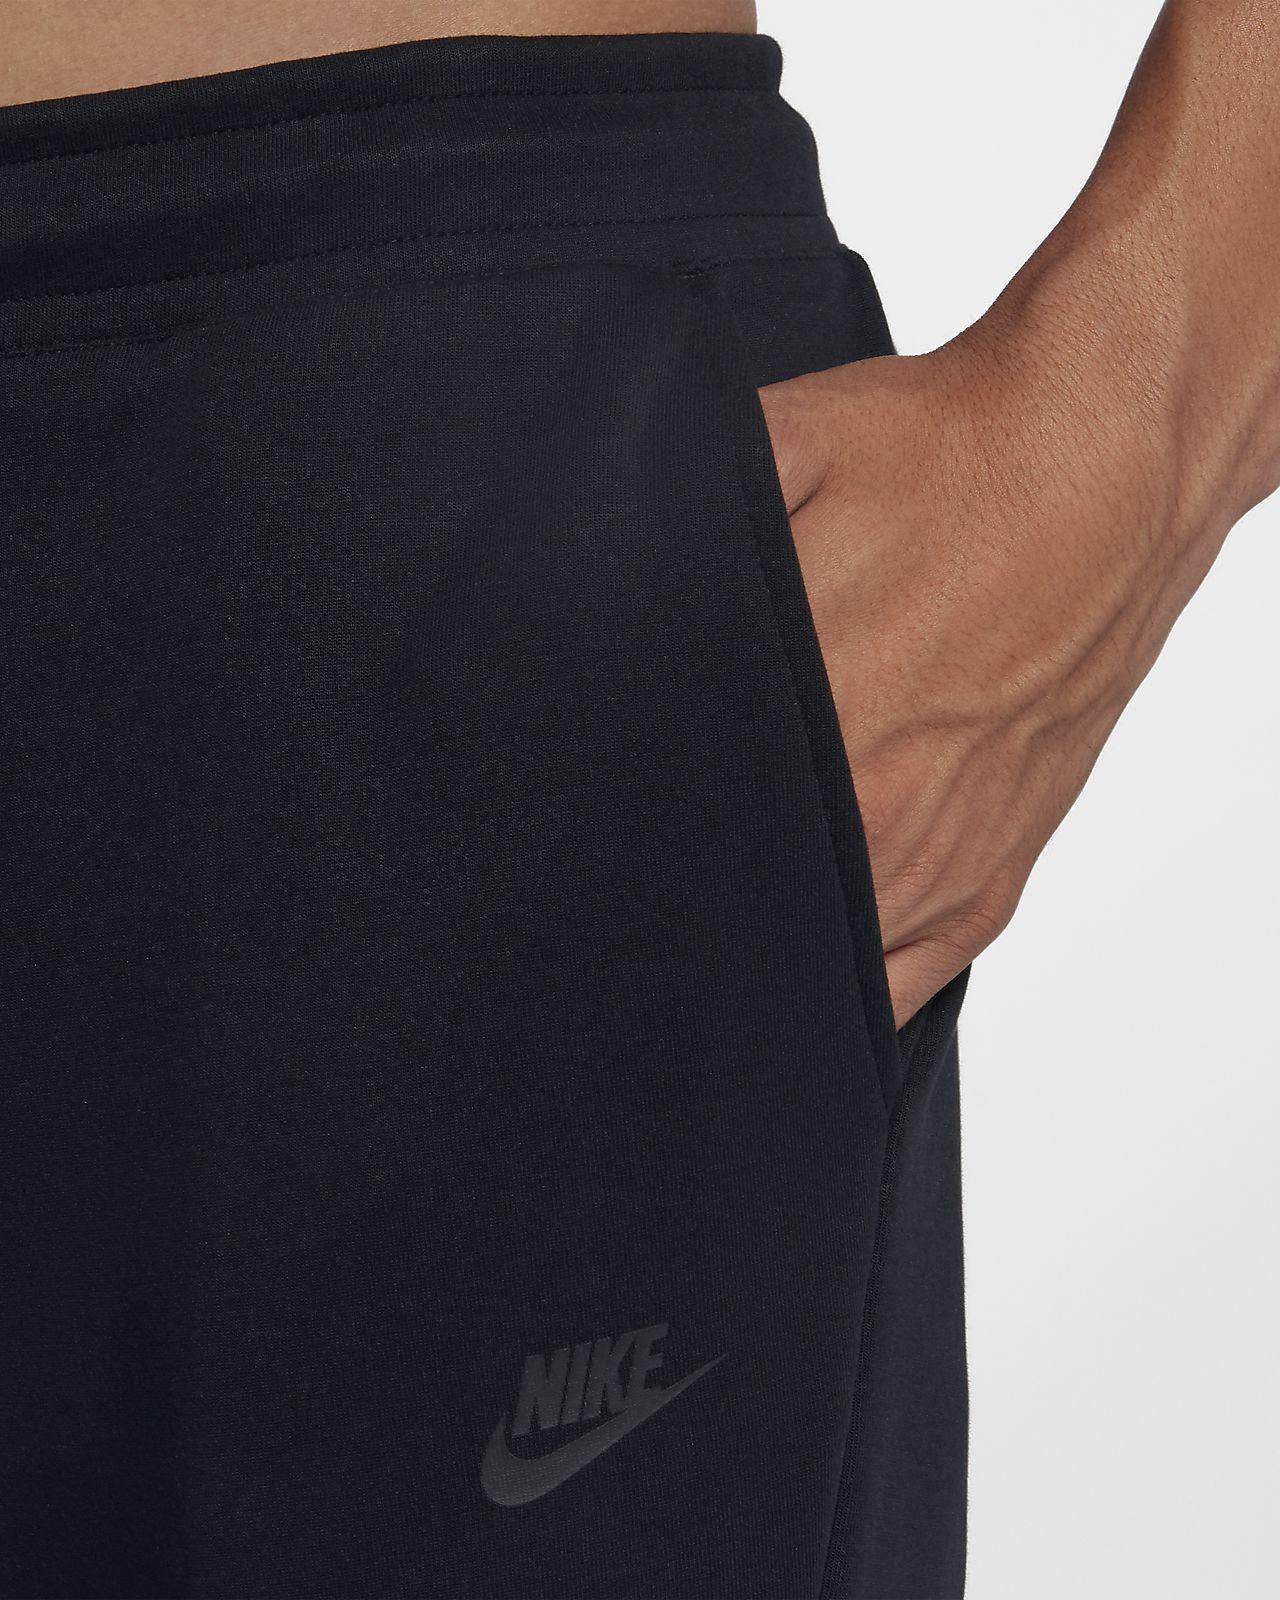 pantaloni nike uomo con elastico